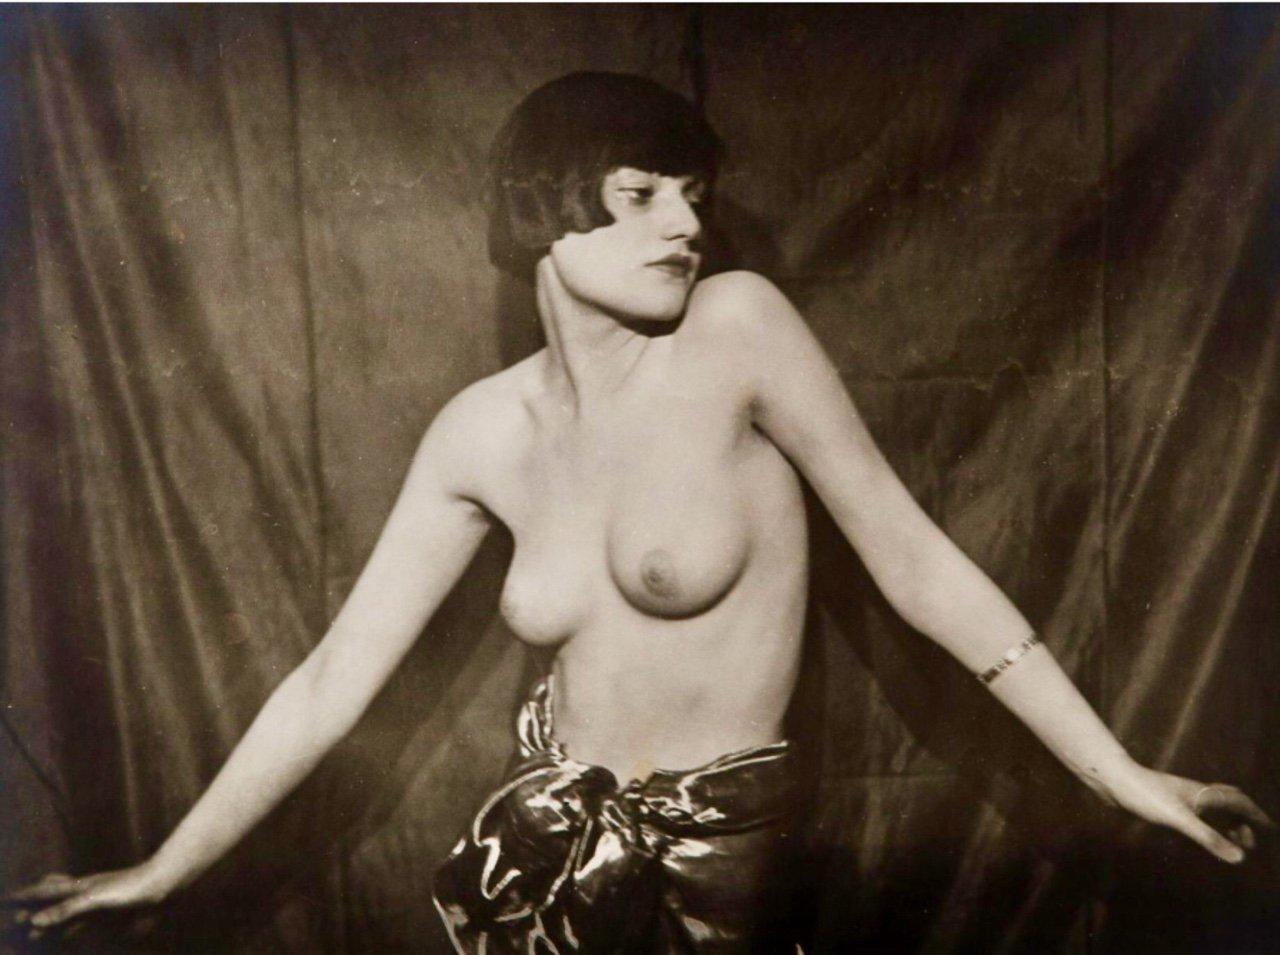 Man Ray - Brogna Perlmutter, 1924 https://t.co/Ns2wkj3Uw3